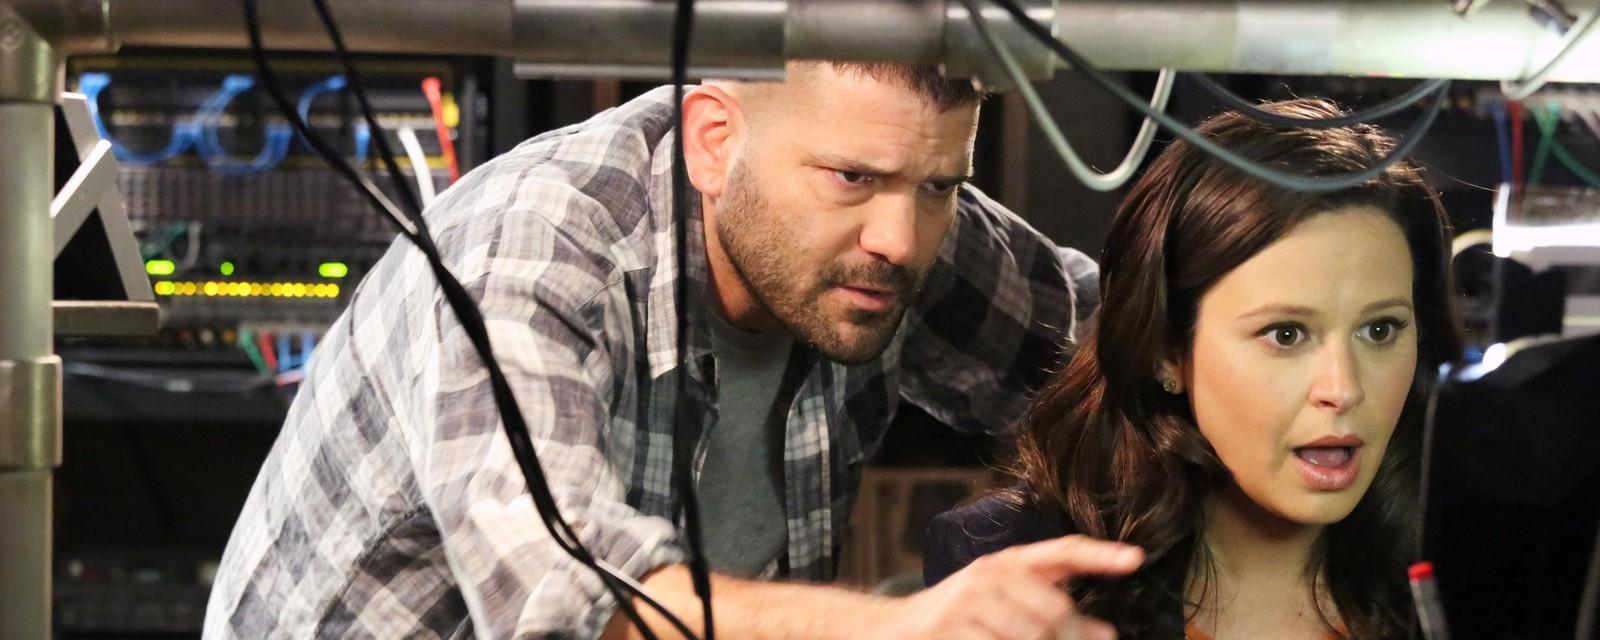 Barbara en Aaron dating roosterteeth